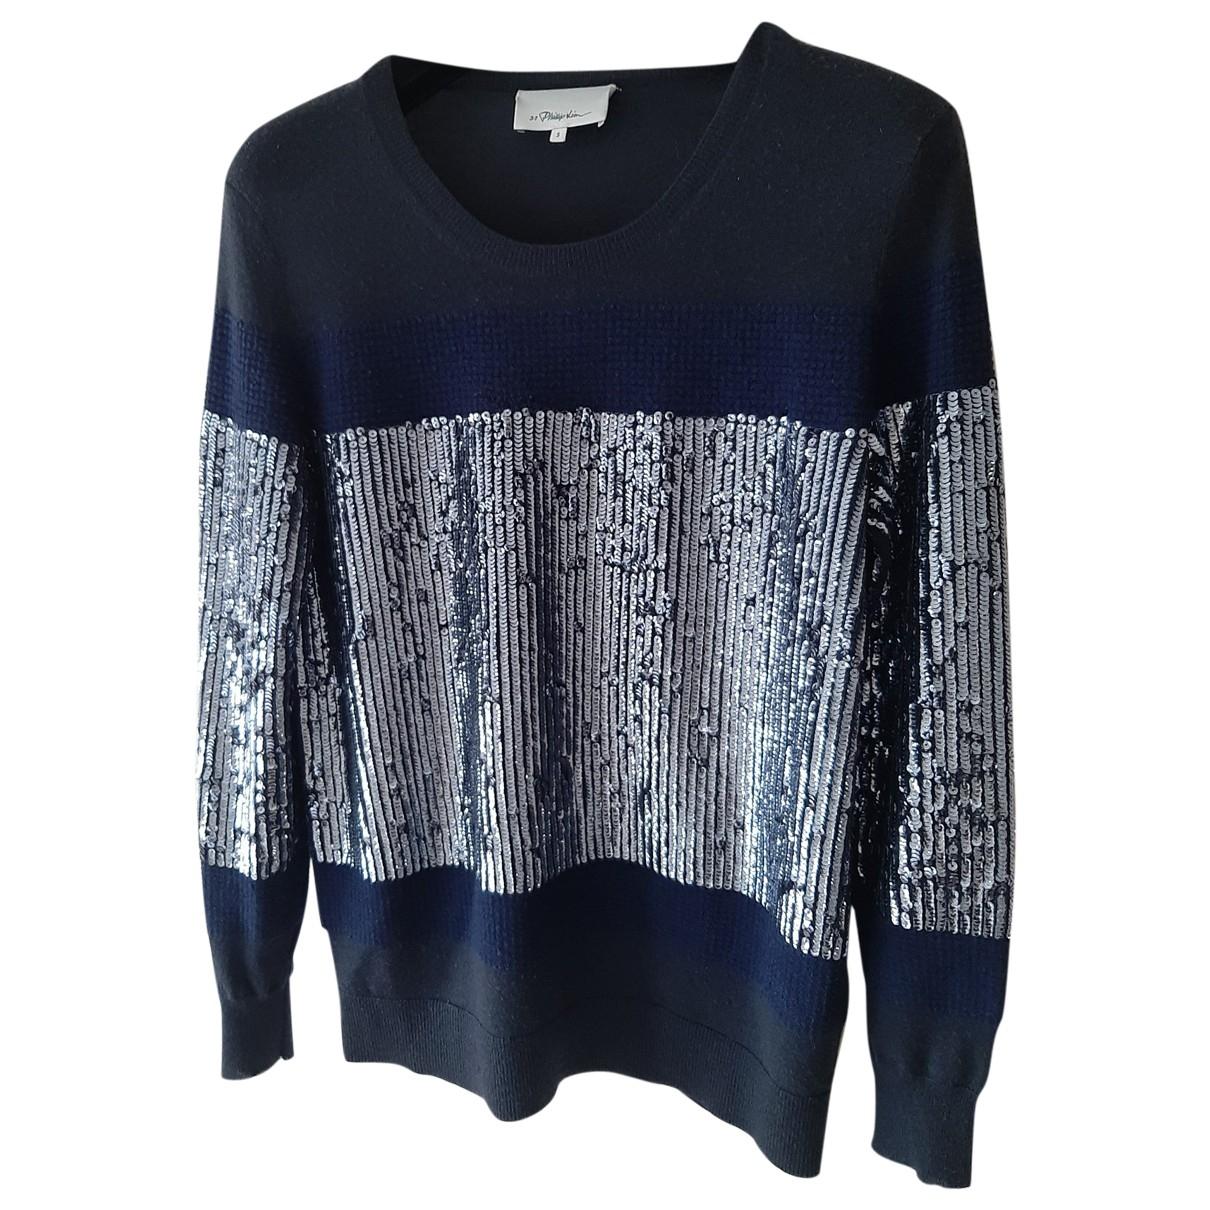 3.1 Phillip Lim - Pull   pour femme en laine - bleu